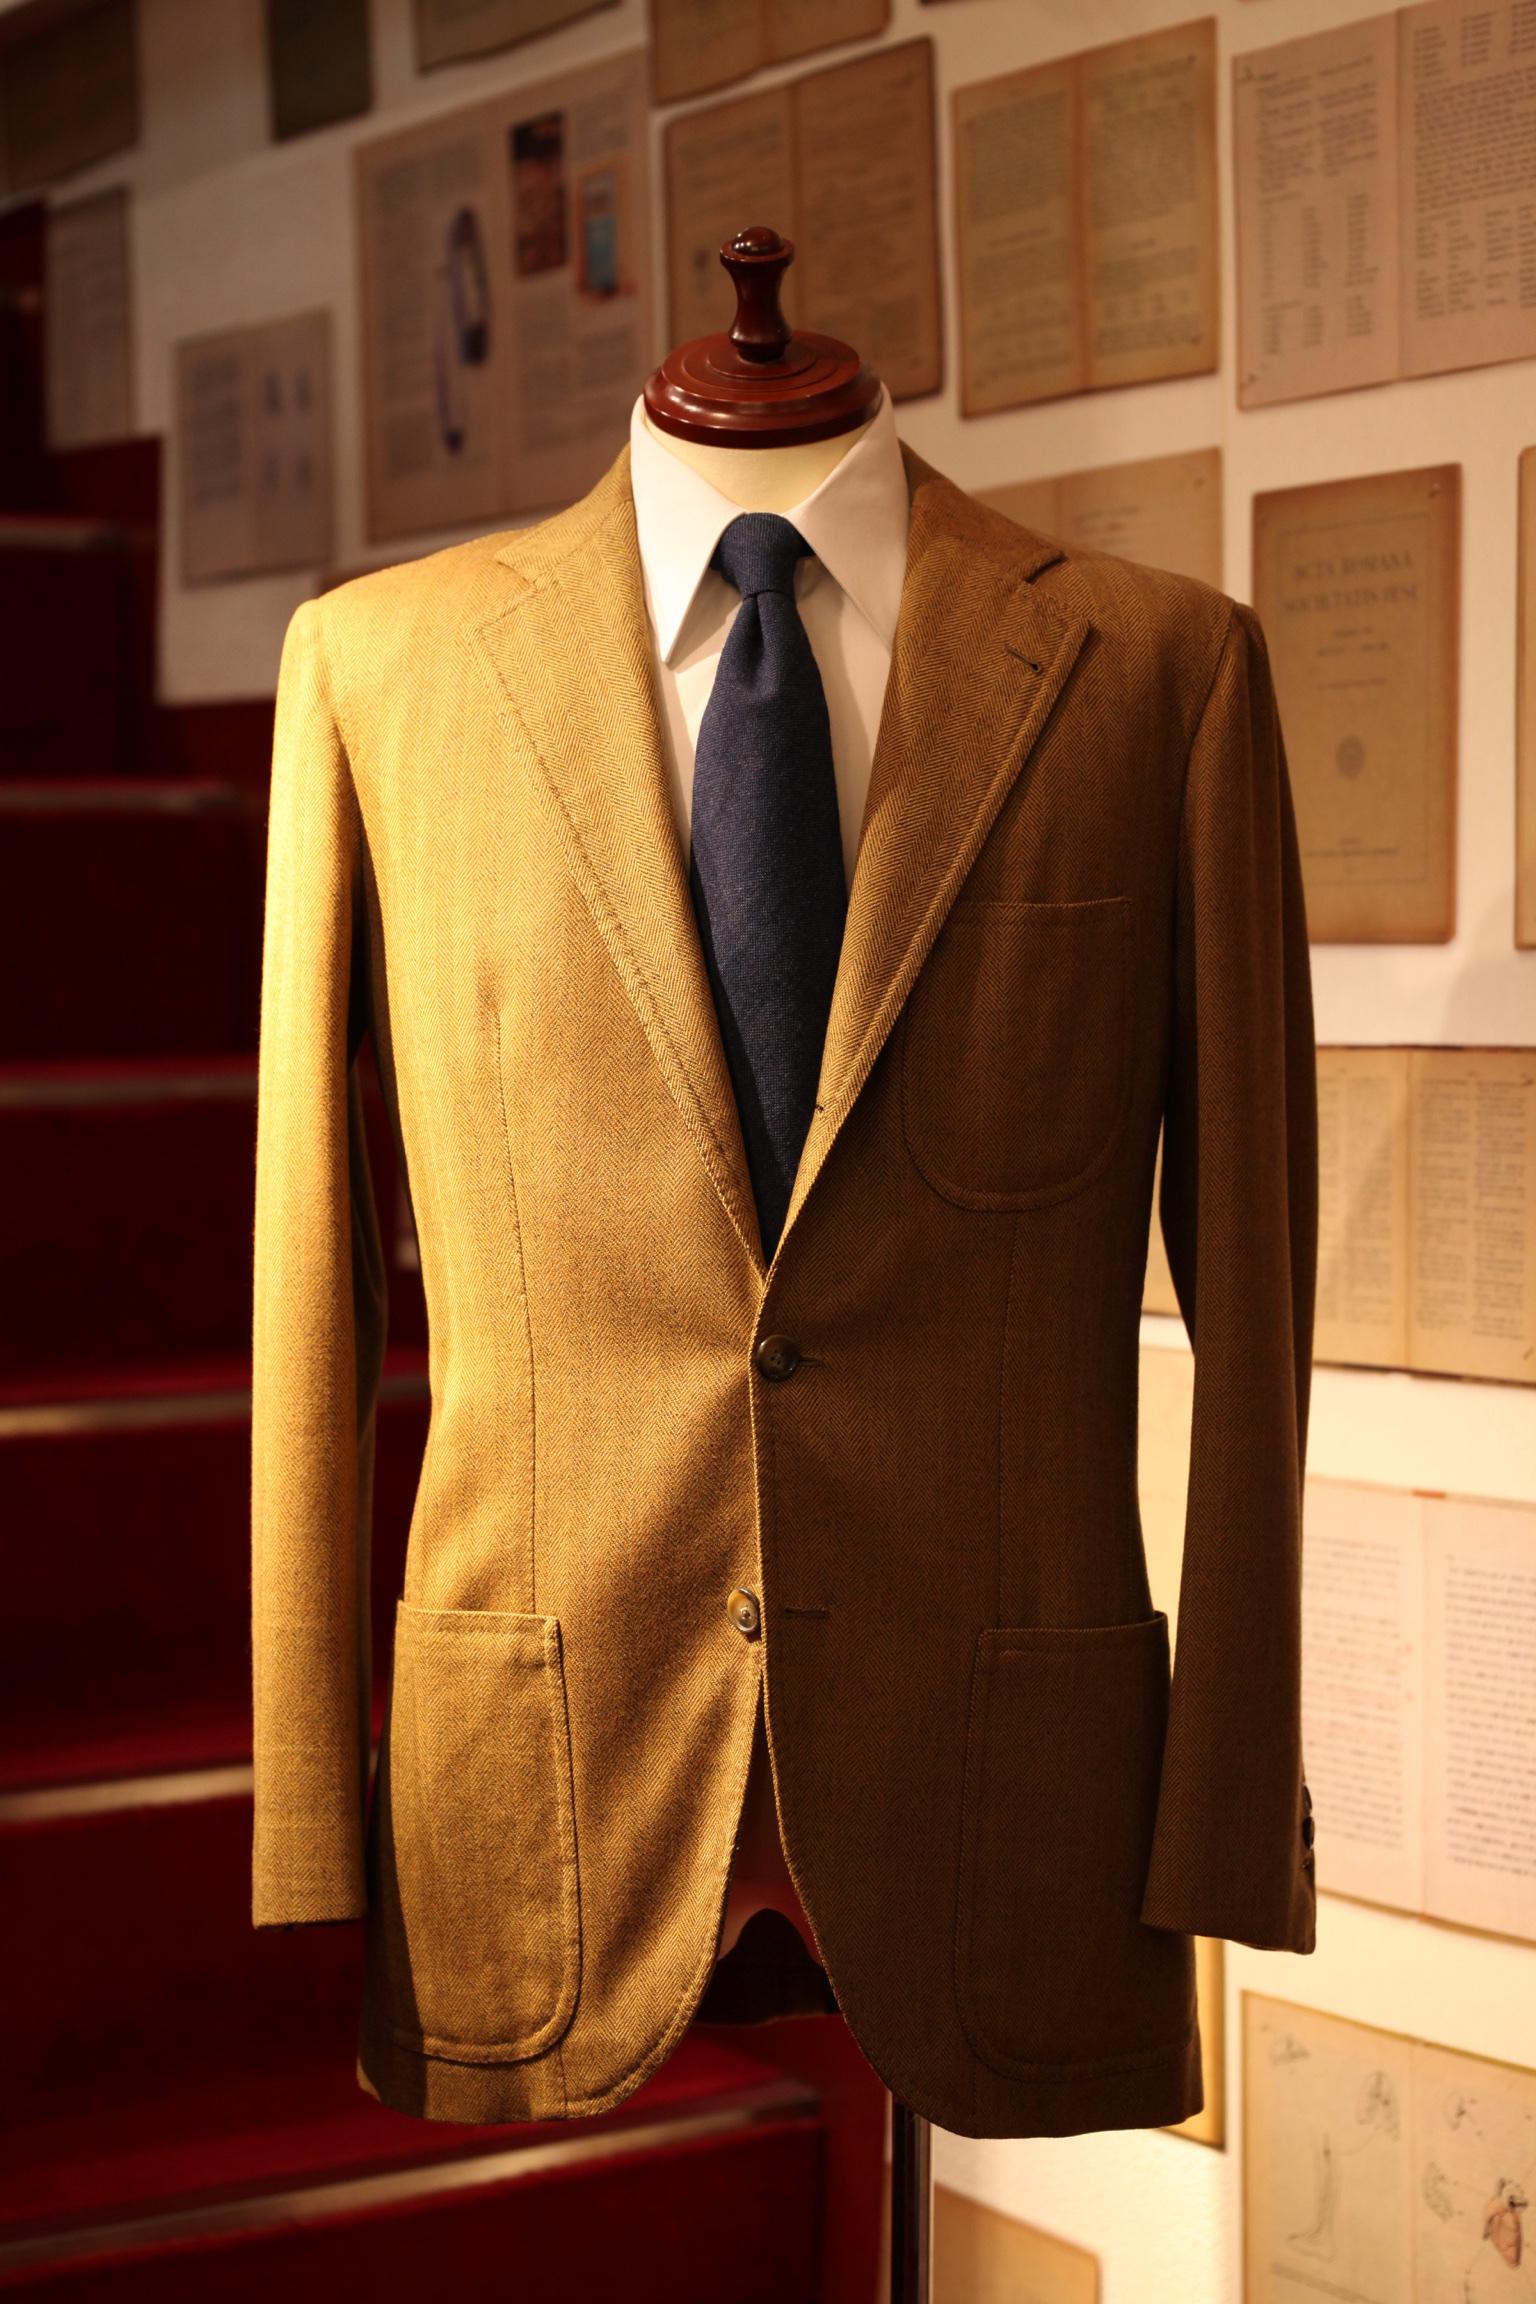 【チャルディCIARDI】注文服 秋冬ウールジャケット 44~46 キャメル色